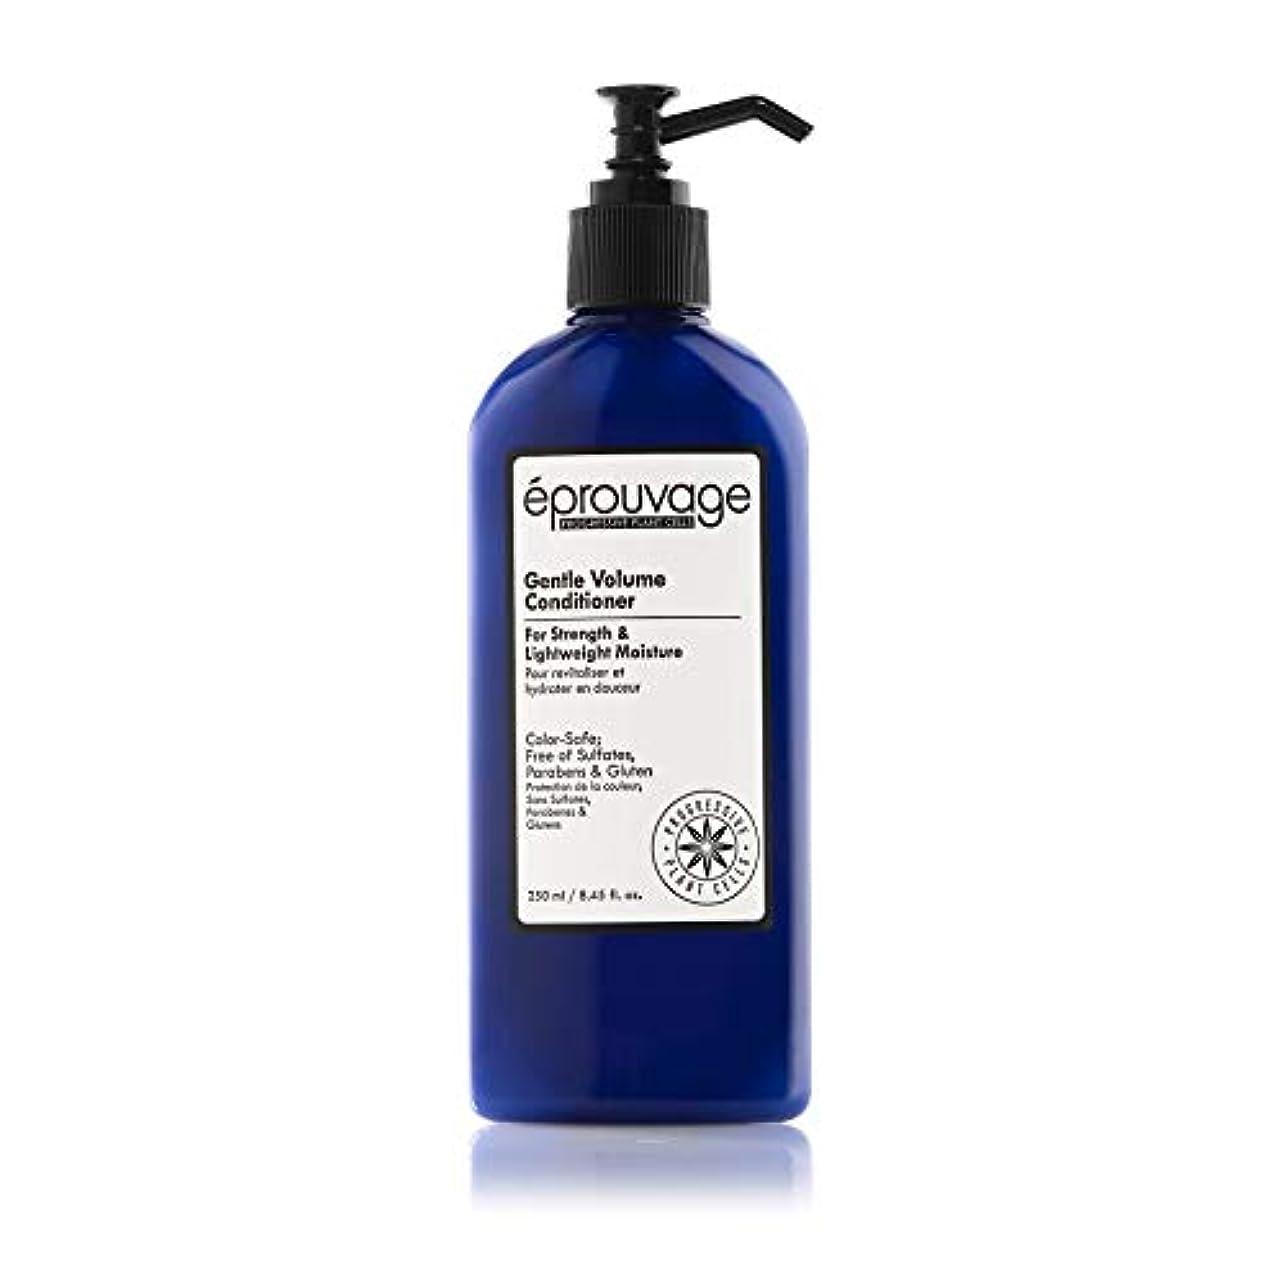 お風呂感じ枯れるeprouvage ジェントルボリュームコンディショナー、水分を強化&軽量のために、8.45オンス